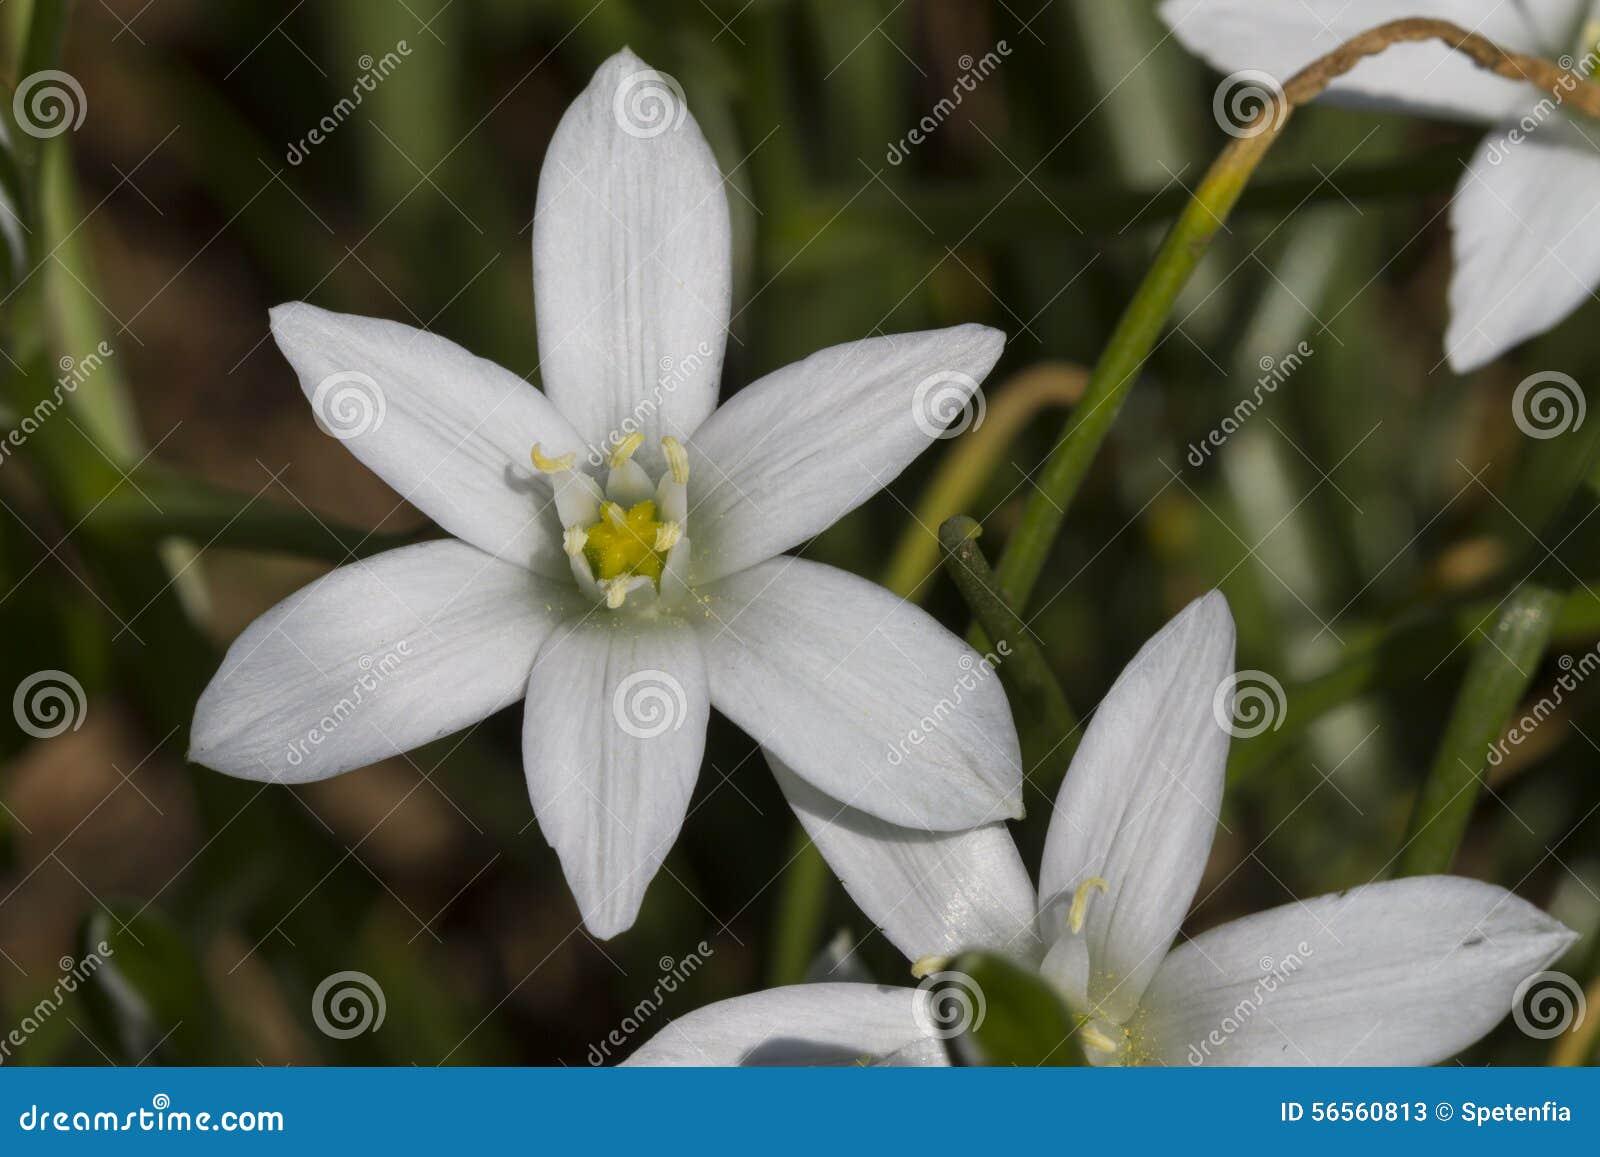 Download Λουλούδι στον κήπο στοκ εικόνα. εικόνα από πέταλο, κηπουρική - 56560813